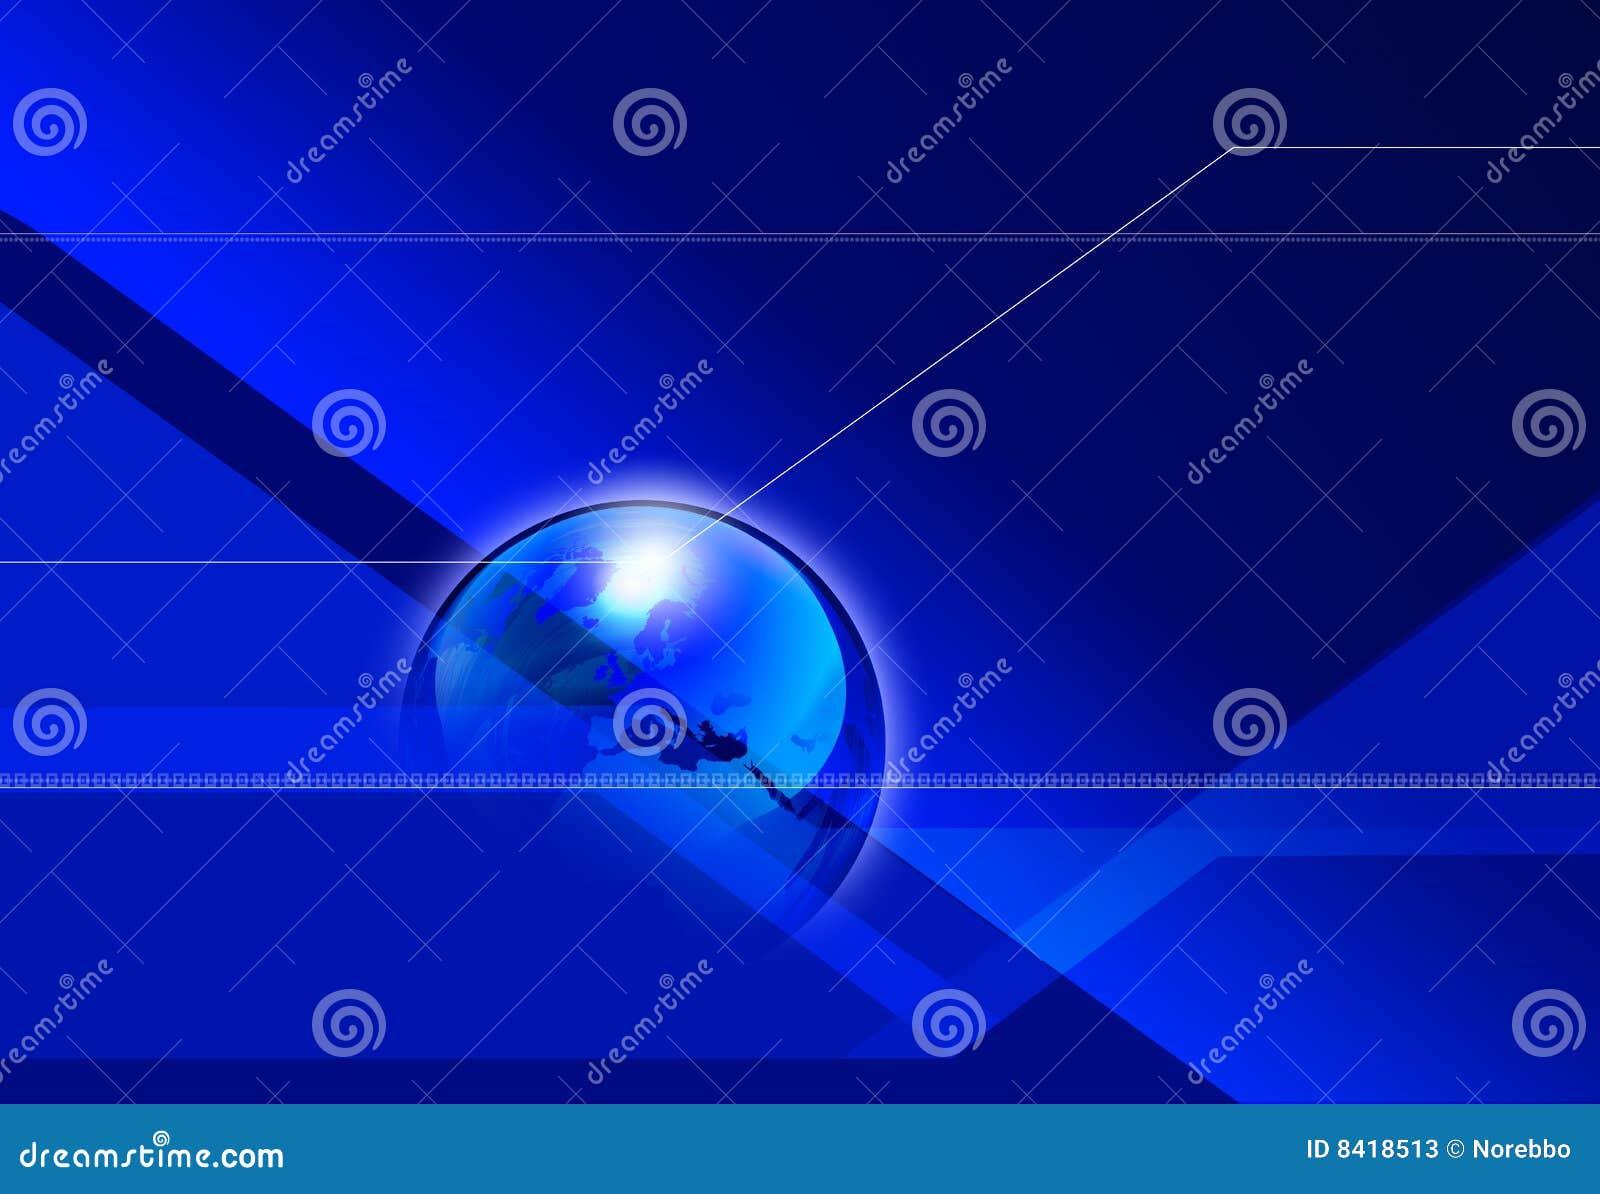 Stock Photos: Global Angular Blue Background. Image: 8418513